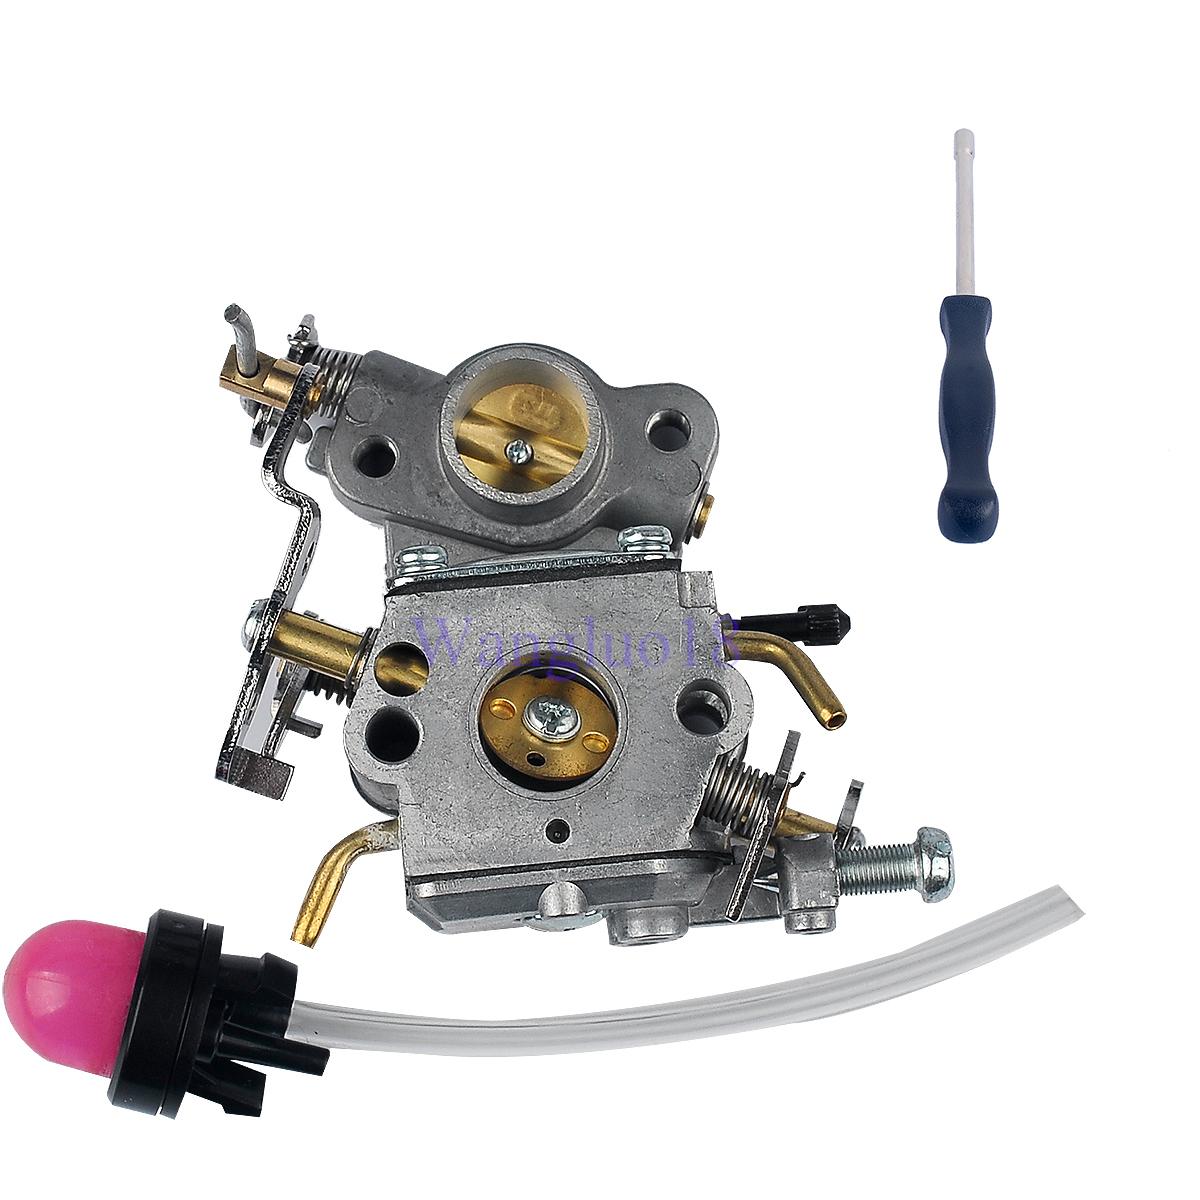 Poulan Chainsaw Carburetor 545070601 Zama c1m-w26 W ...